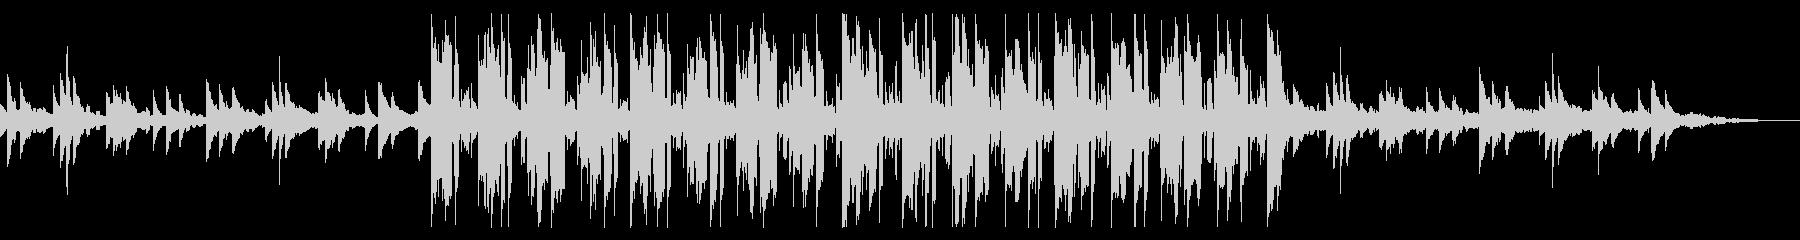 しっとり穏やかなピアノバラードの未再生の波形